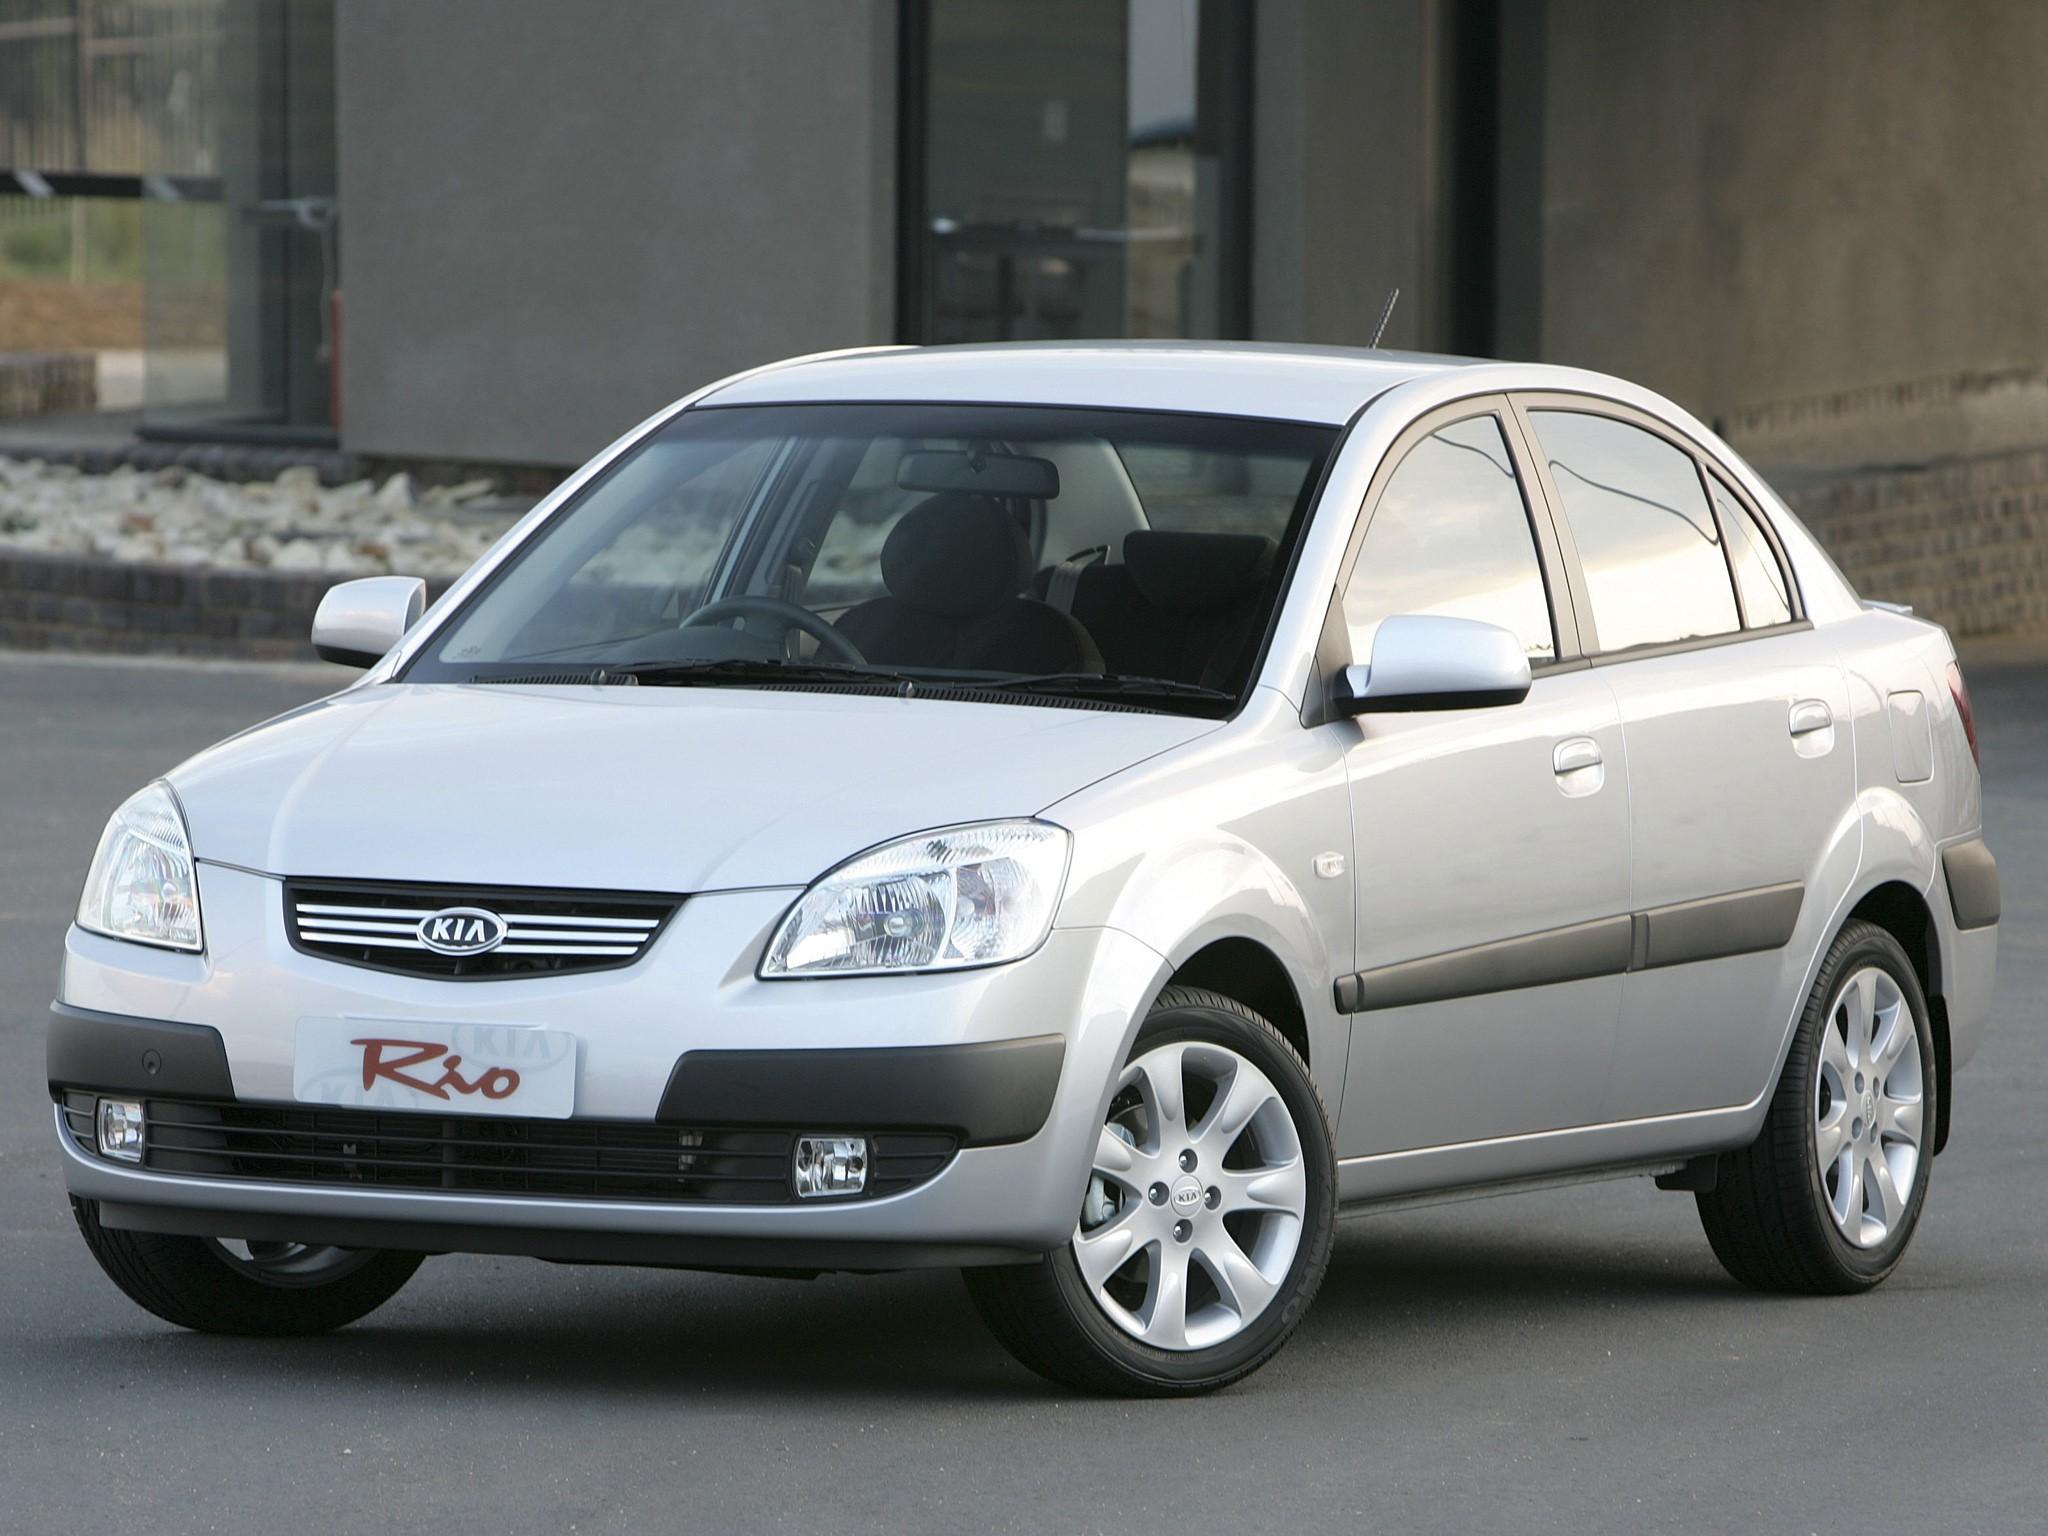 KIA Rio Sedan - 2009, 2010, 2011 - autoevolution